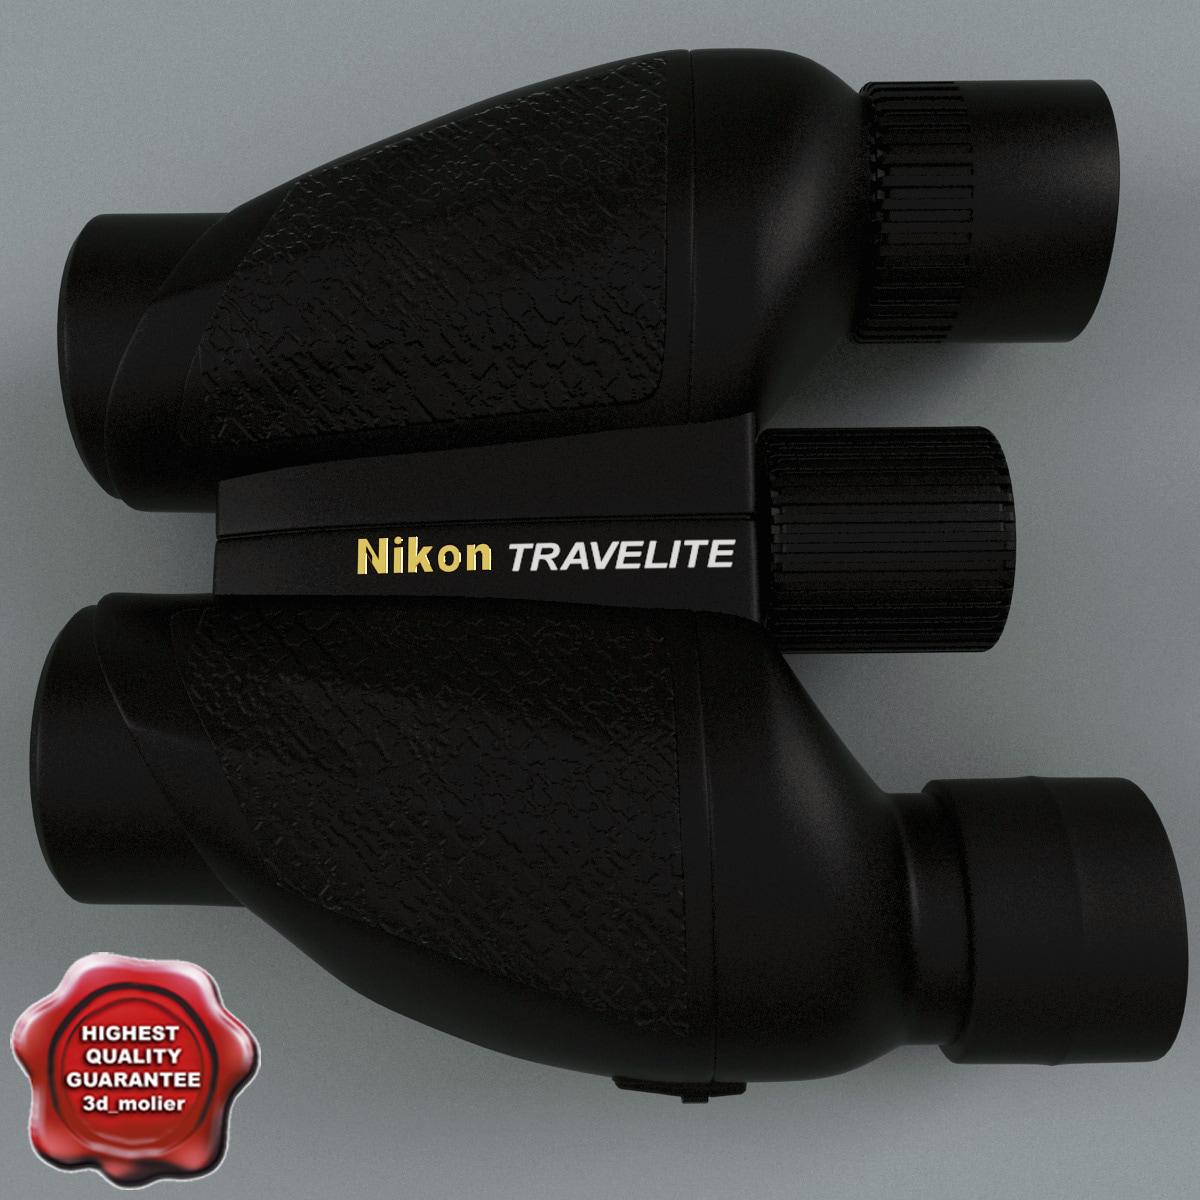 Binocular_Nikon_Travelite_00.jpg